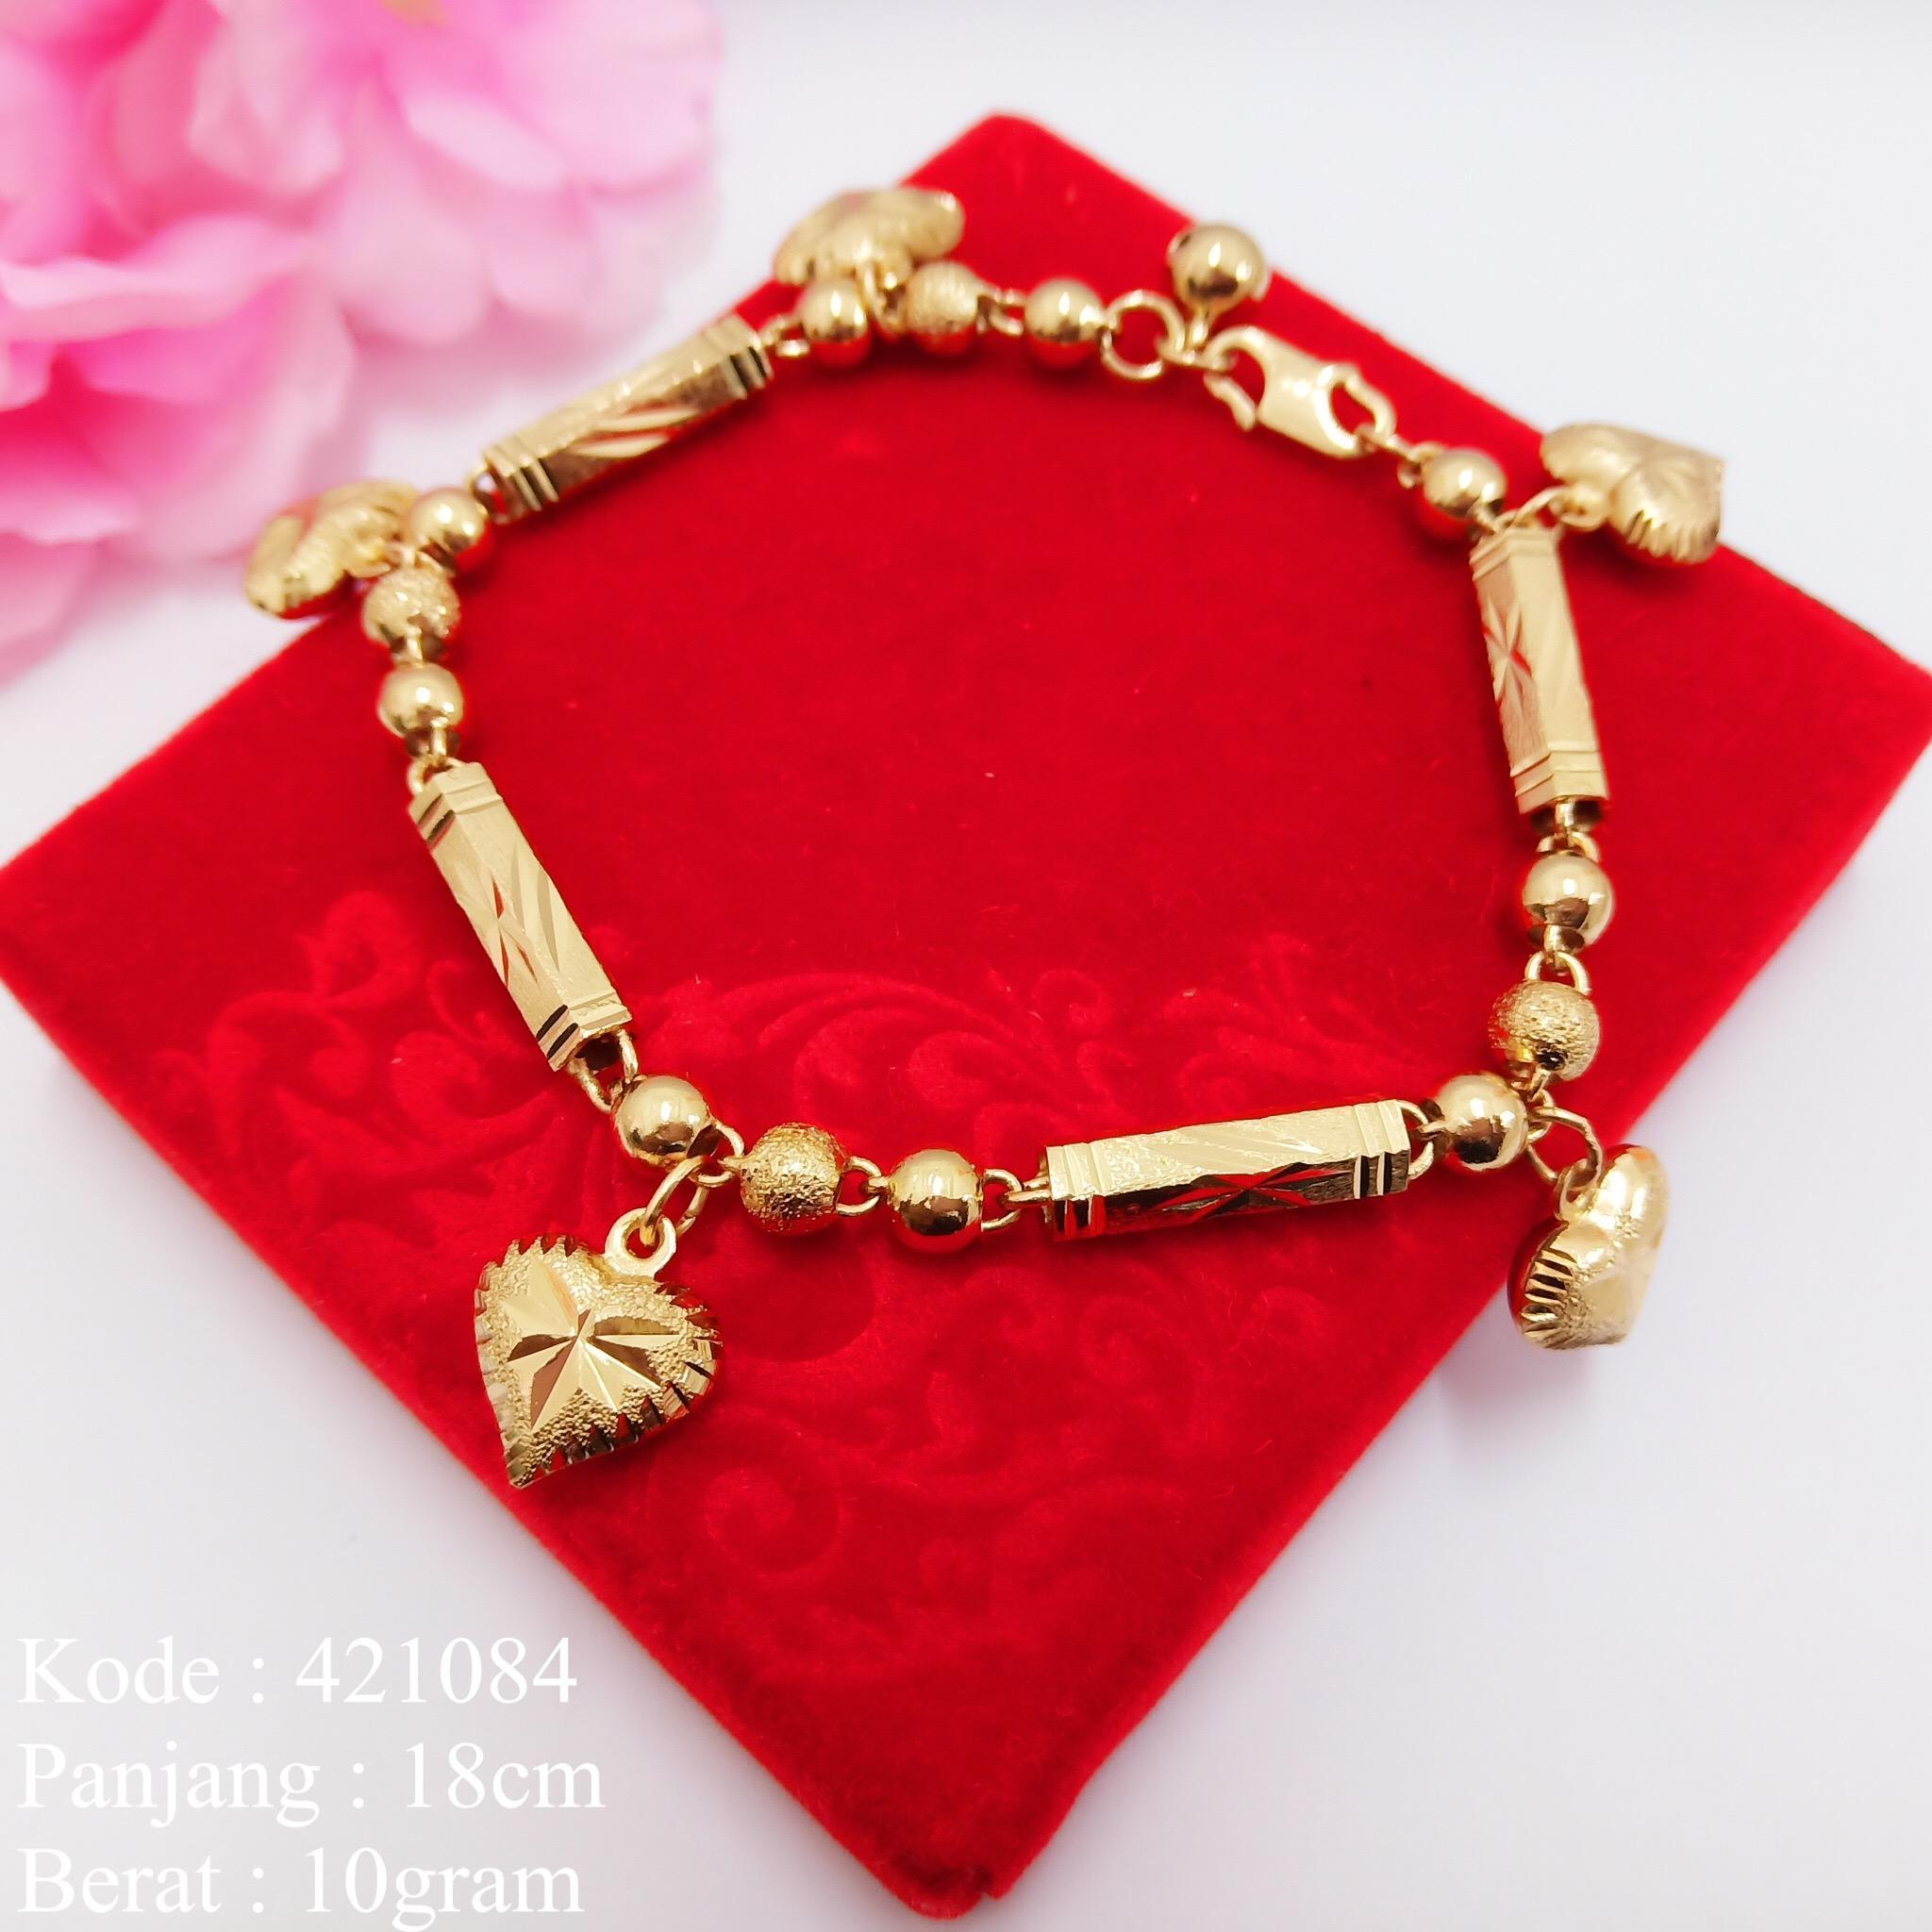 Gelang Tangan Rantai Gelang Xuping Pipa  Gantung Love Emas Imitasi  Kuning Missi Fashion Jewelry